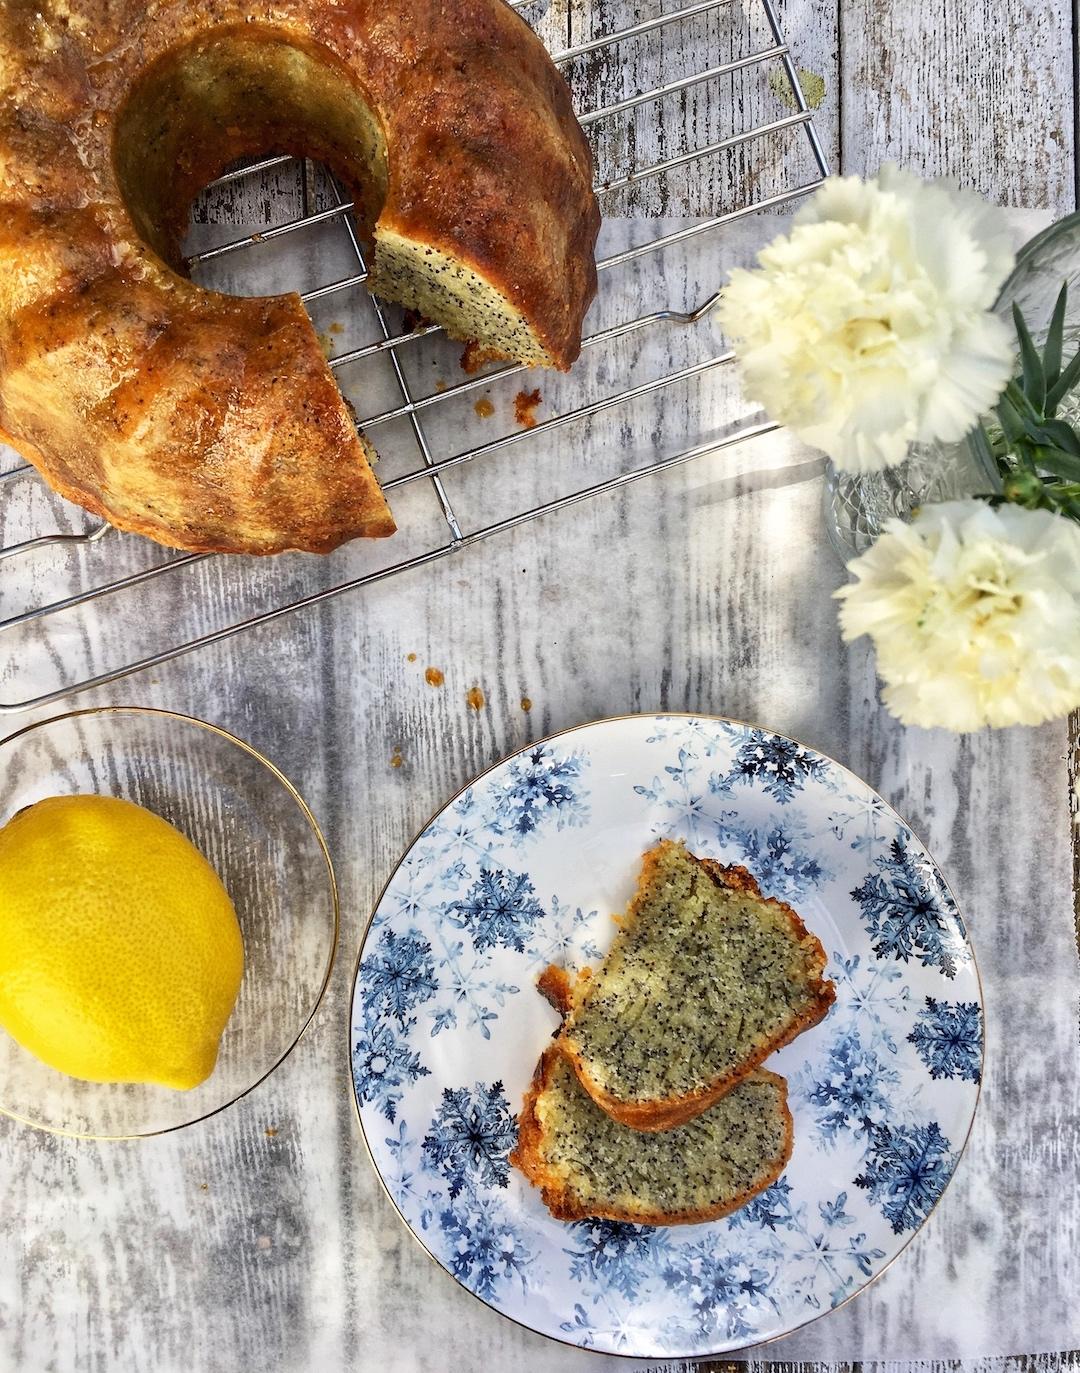 Einfacher Zitronen-Mohn-Kuchen. Der perfekte Begleiter zu Kaffee oder Tee. #backen #mohn #zitrone #einfach